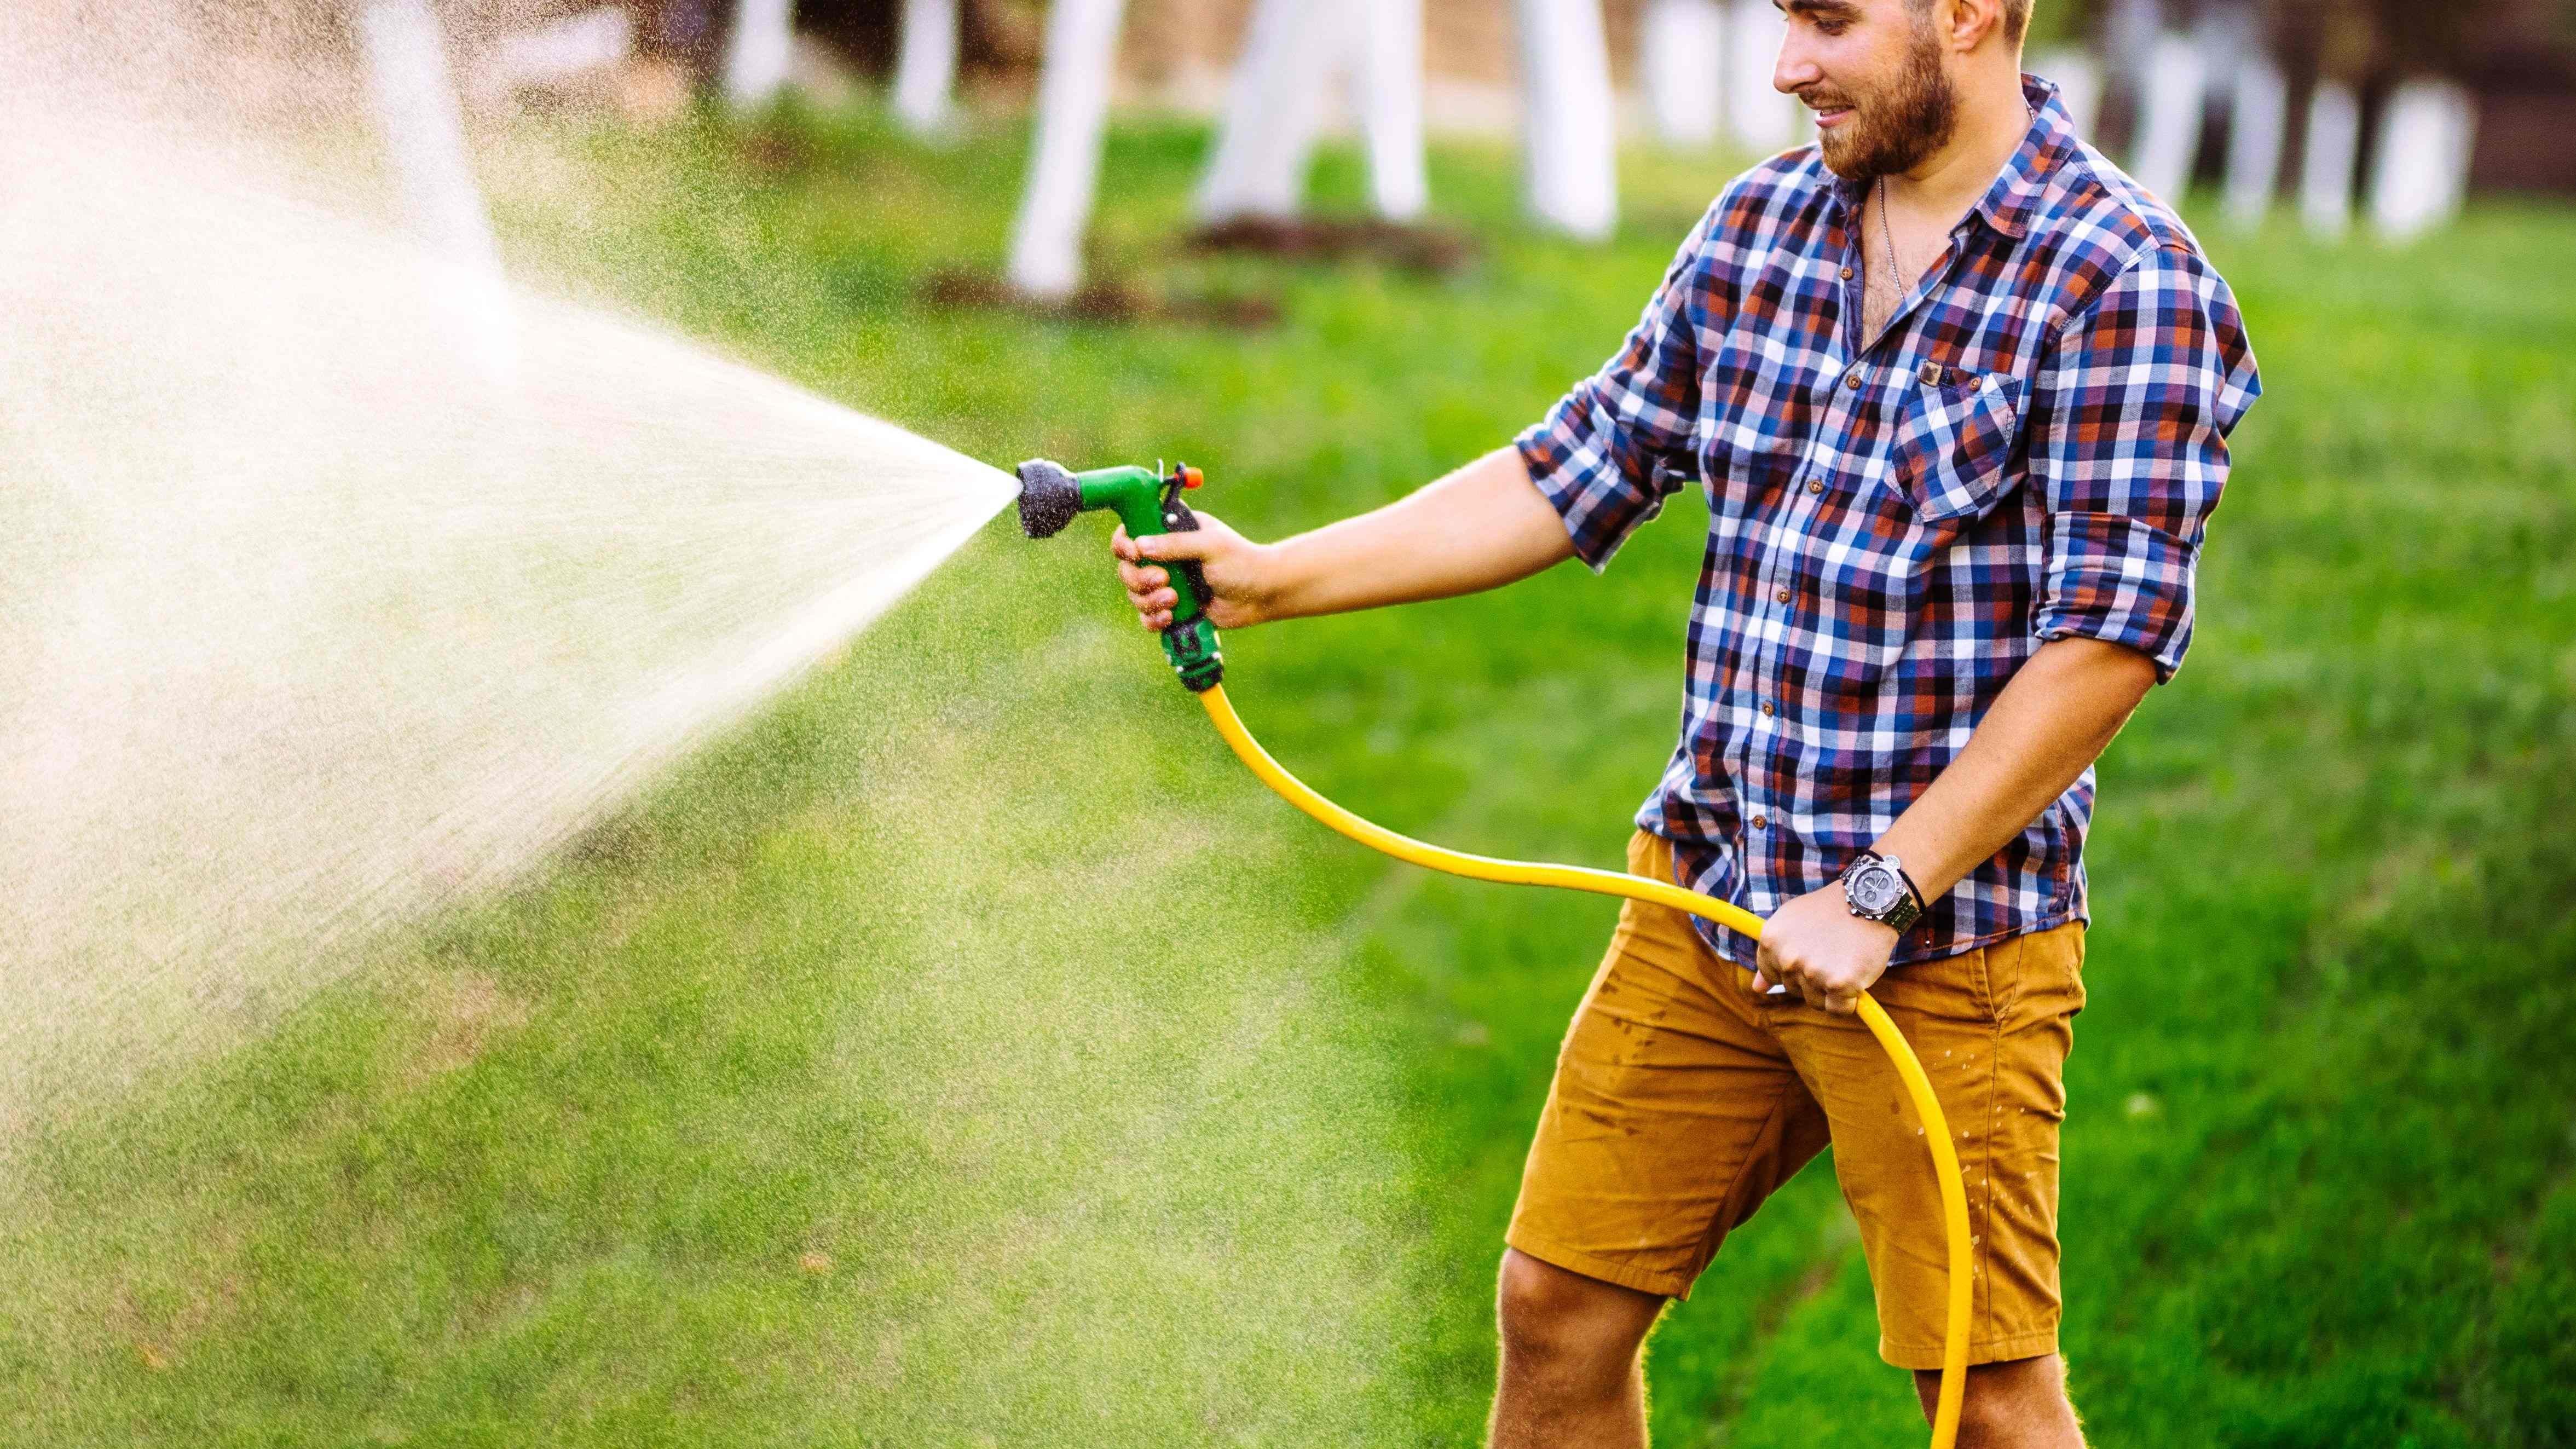 Come scegliere il tubo da giardino e l'avvolgitubo